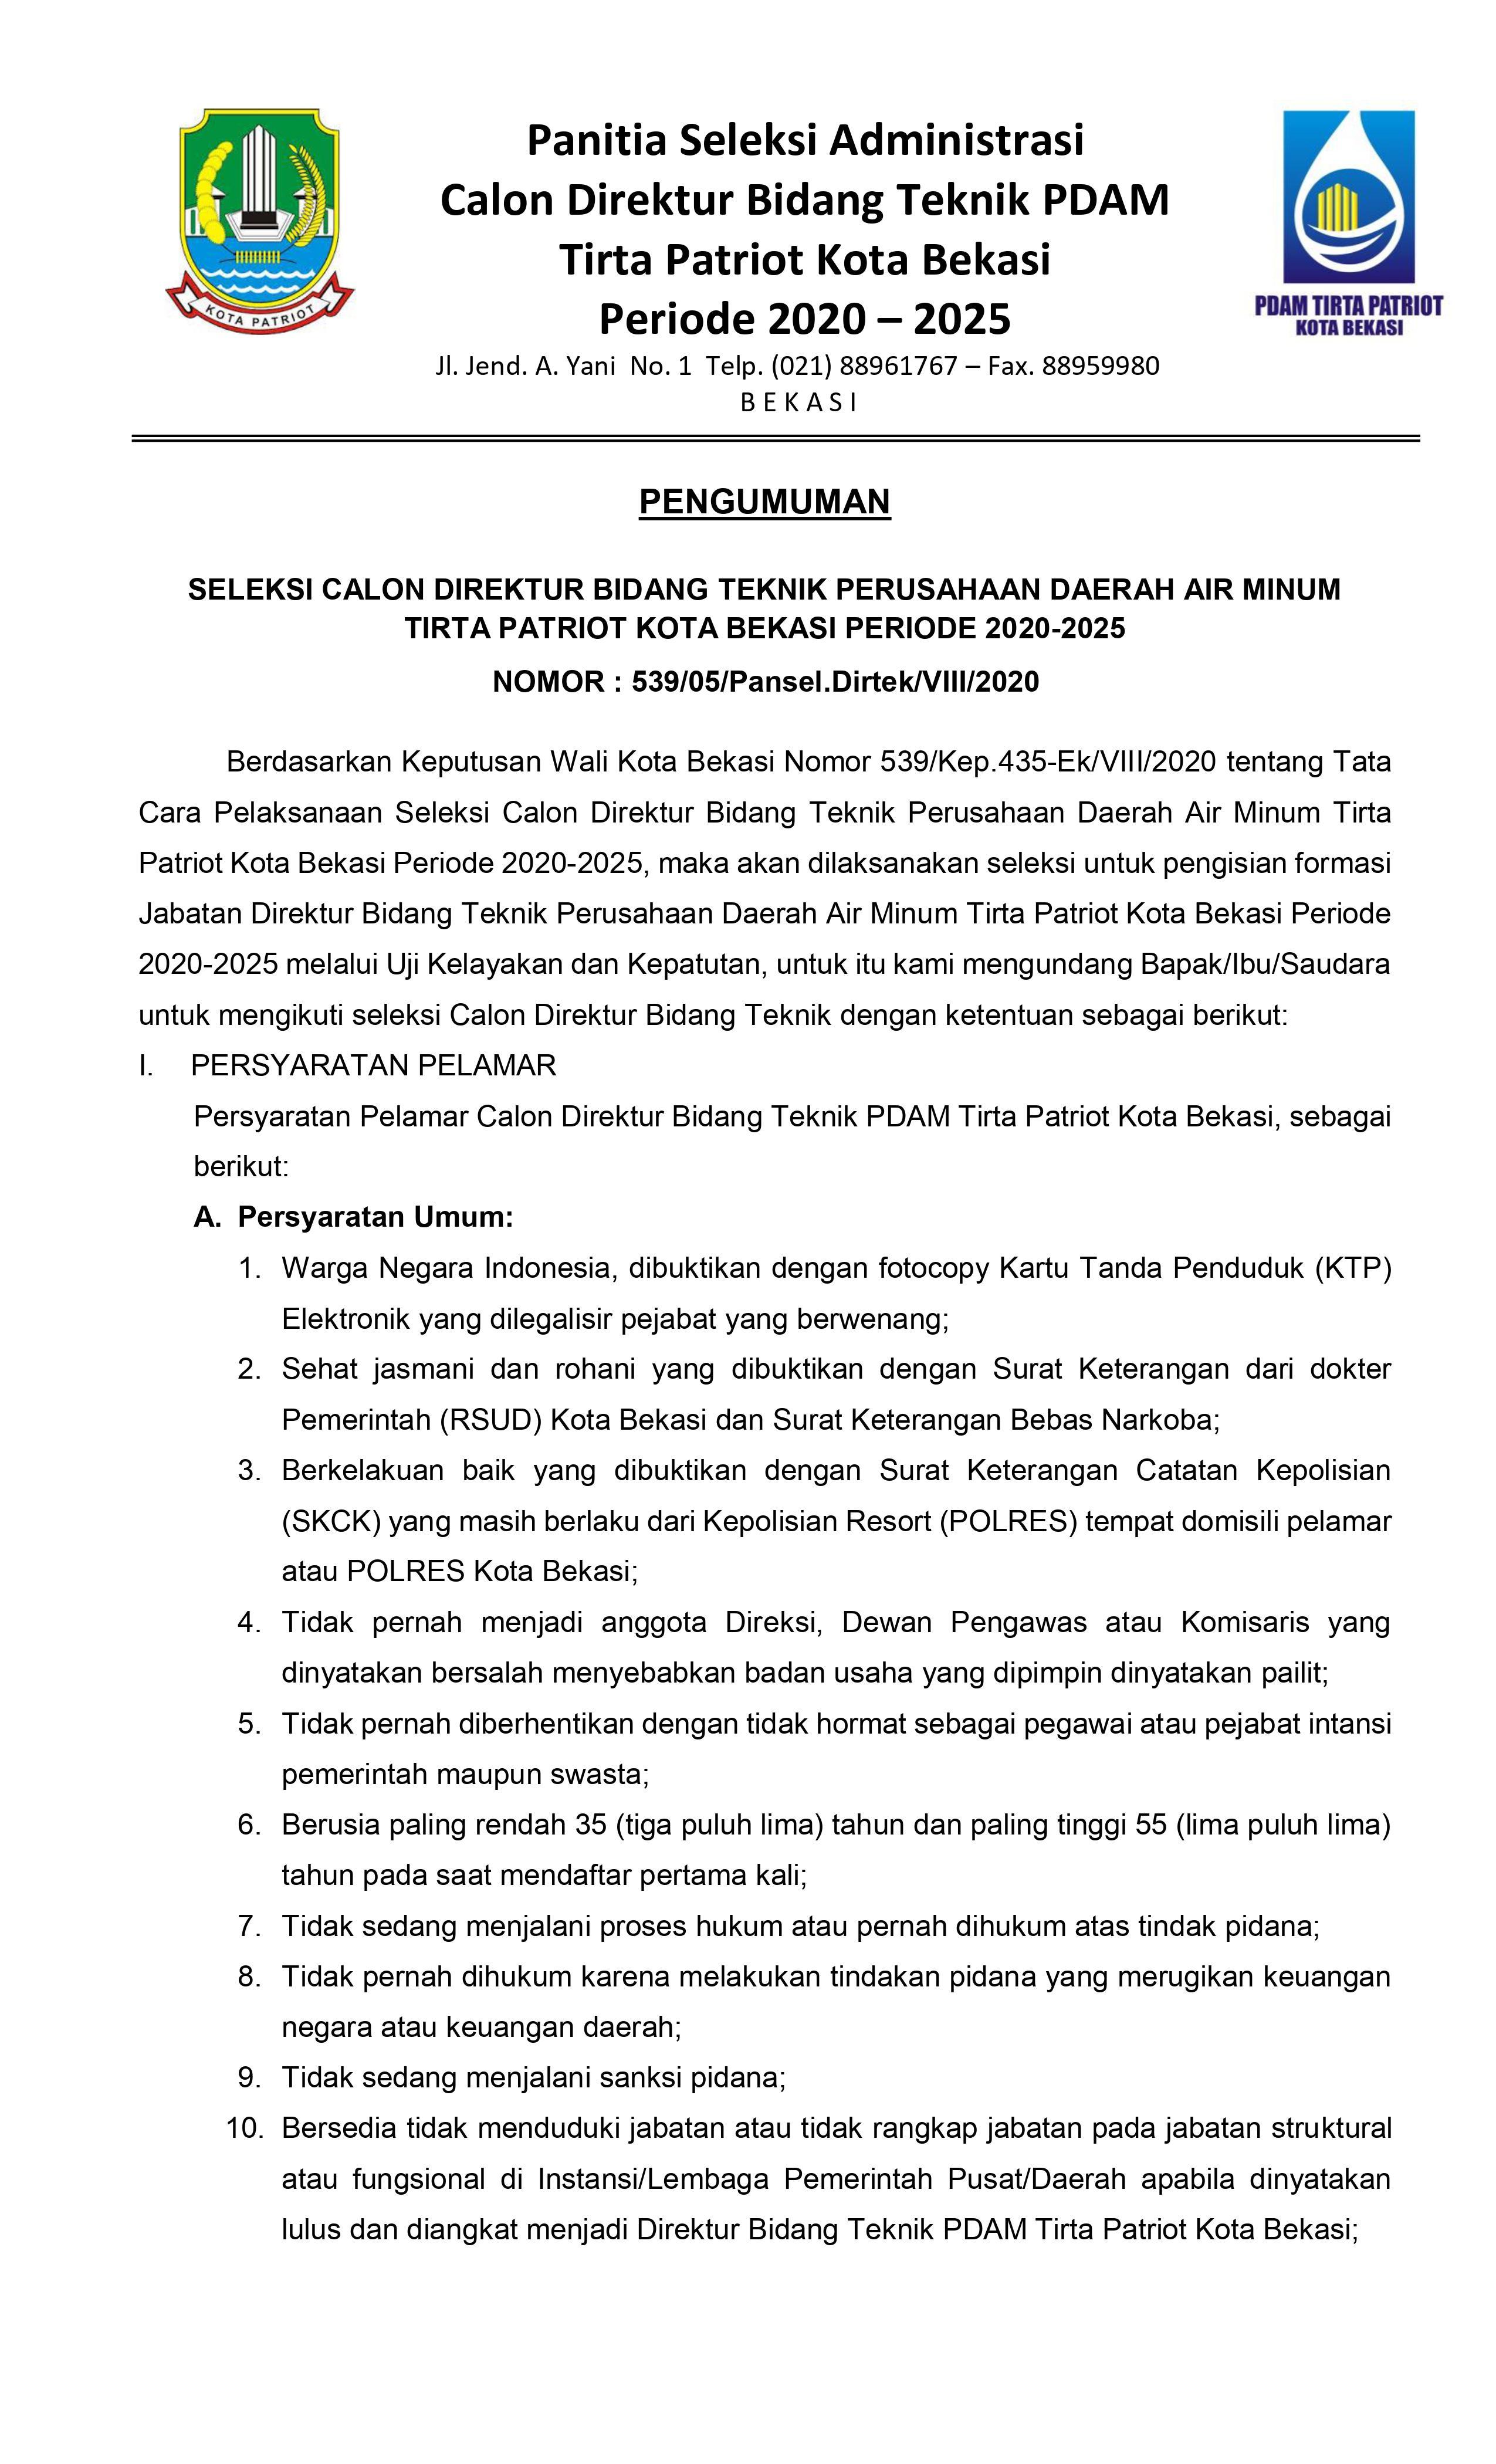 Seleksi Calon Direktur Bidang Teknik PDAM Tirta Patriot Kota Bekasi